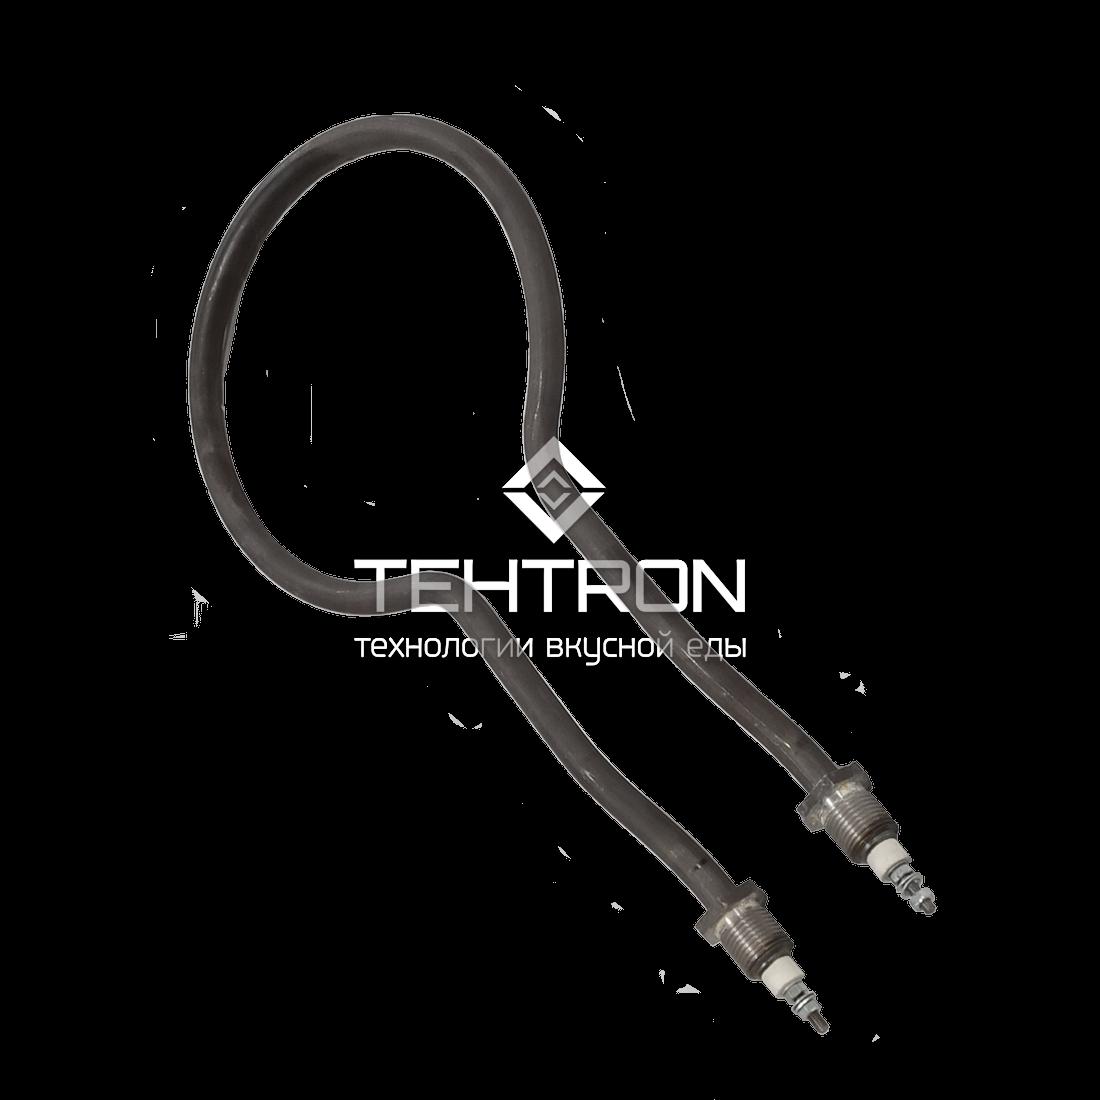 Запасные части для термокамер Техтрон. ТЭН для дымогенератора Техтрон ДЩ-3.